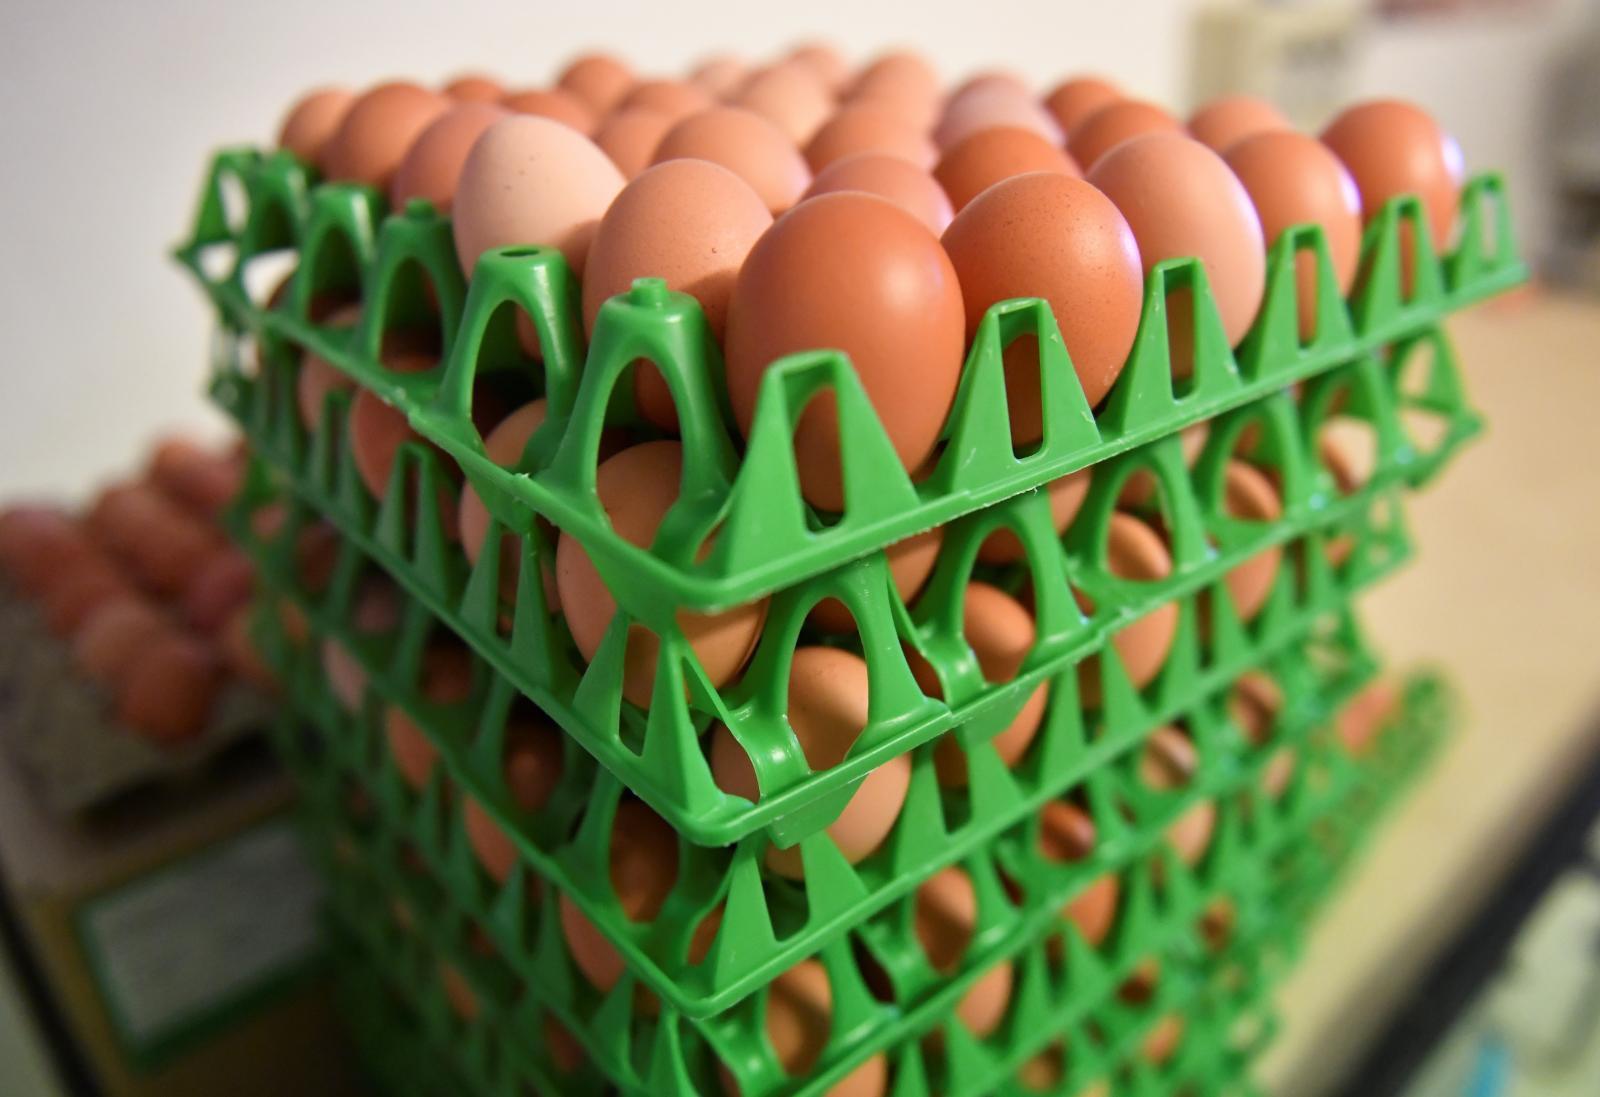 ตรวจพบสารก่อมะเร็งในไข่ไก่แบบโรงเปิด จ.สมุทรสาคร